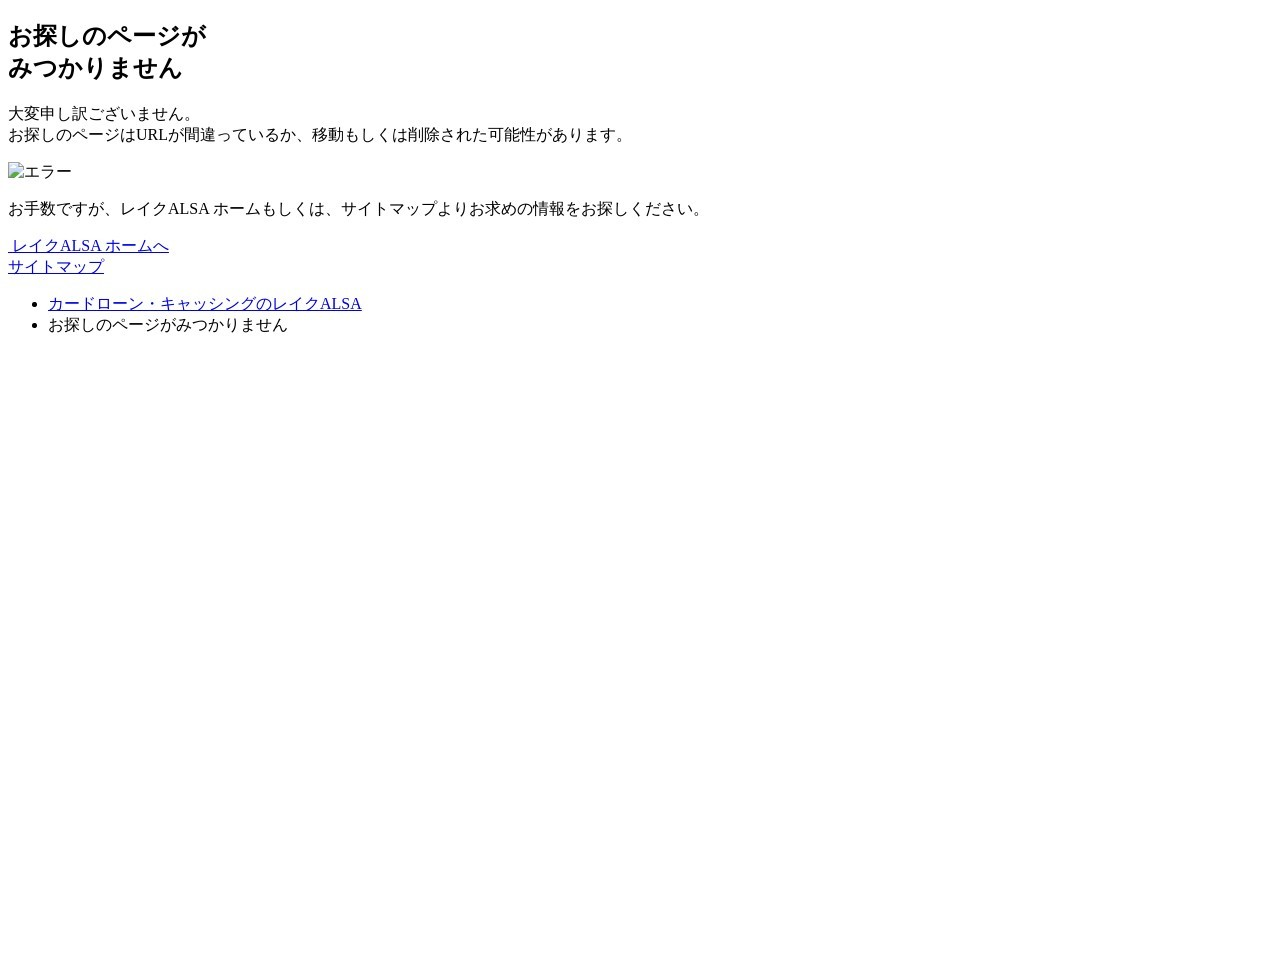 レイクALSA 宇多津自動契約コーナー香川県 レイクALSA